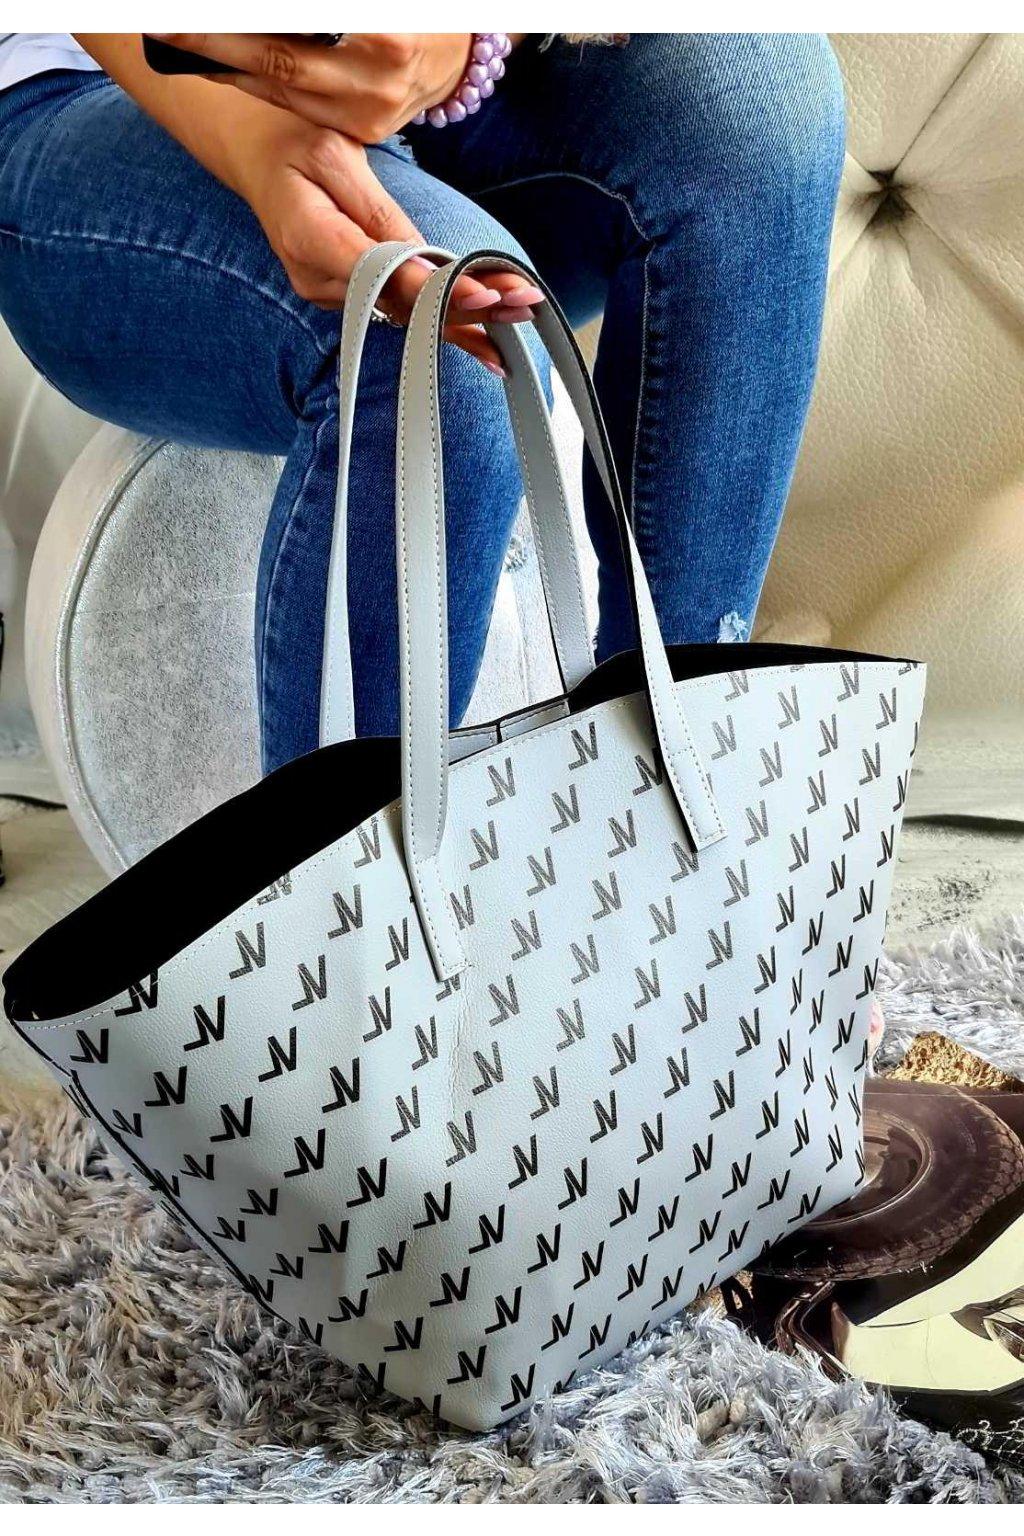 kabelka valentino šedá trendy koženka kůže šedobílá